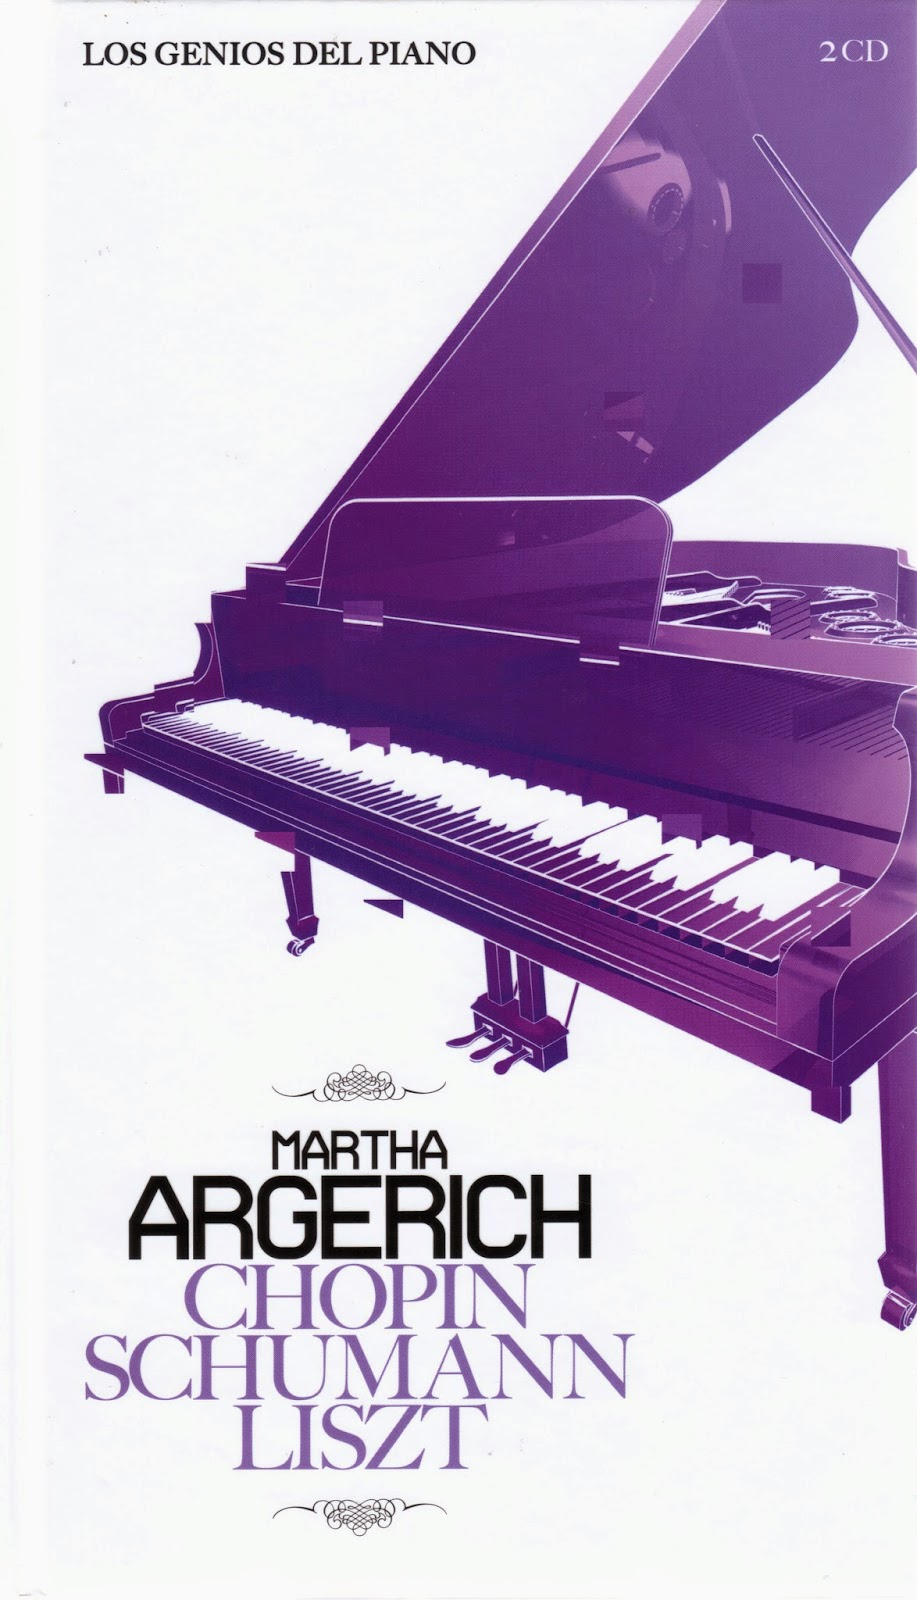 Imagen de Colección Los Genios del Piano-04-Marta Argerich & Chopin, Schumann y Liszt